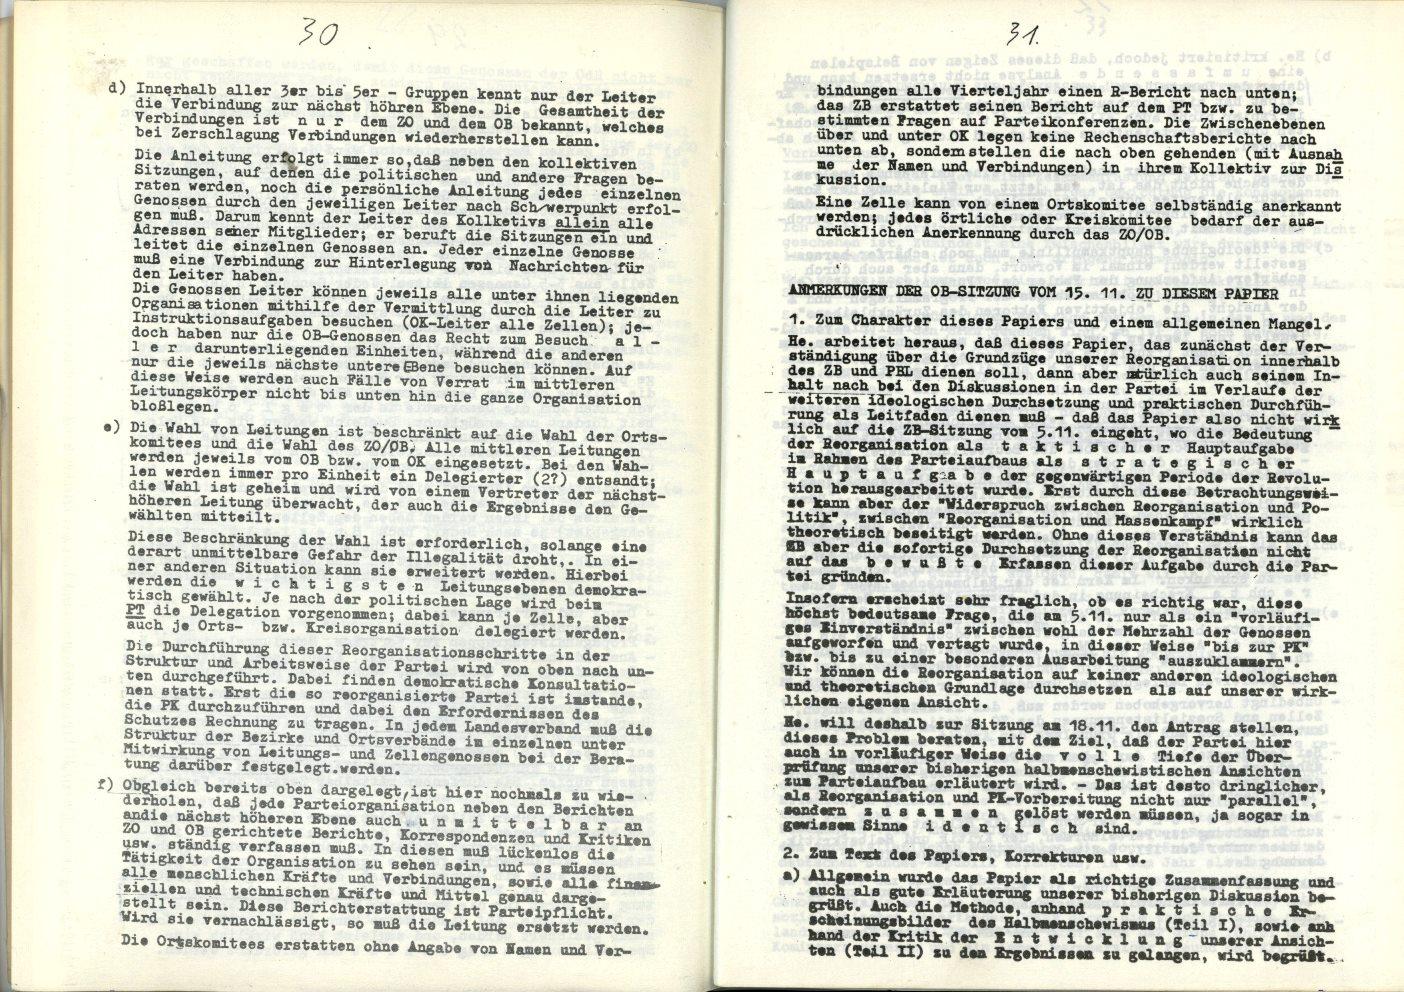 ZB_1972_Diskussionsorgan_zur_ersten_Parteikonferenz_18